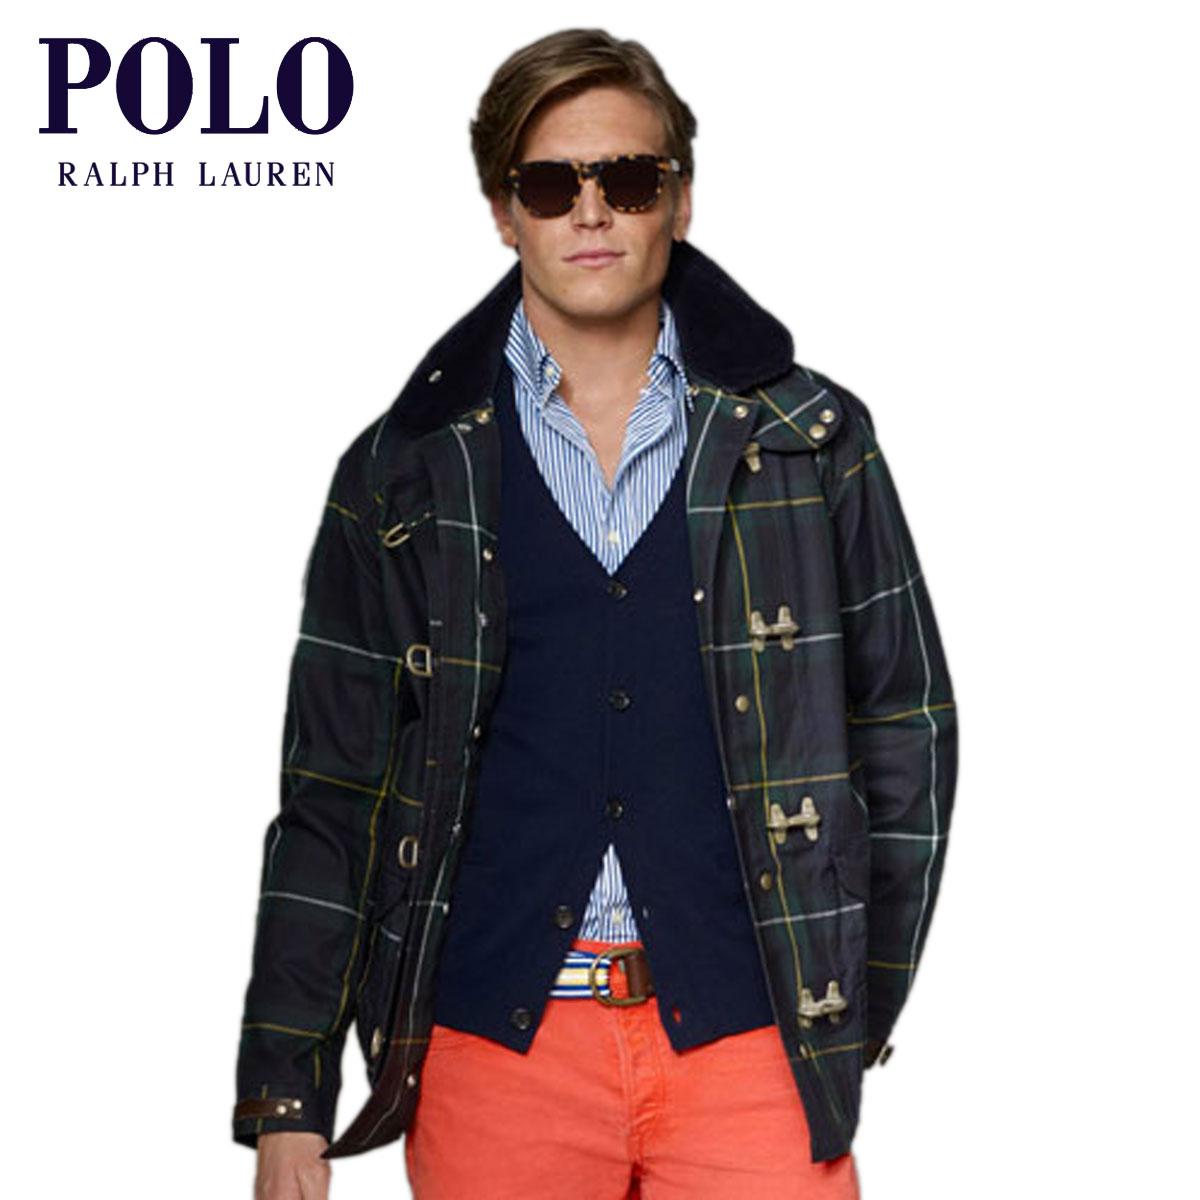 ポロ ラルフローレン POLO RALPH LAUREN 正規品 メンズ アウタージャケット Plaid Fireman's Jacket D20S30